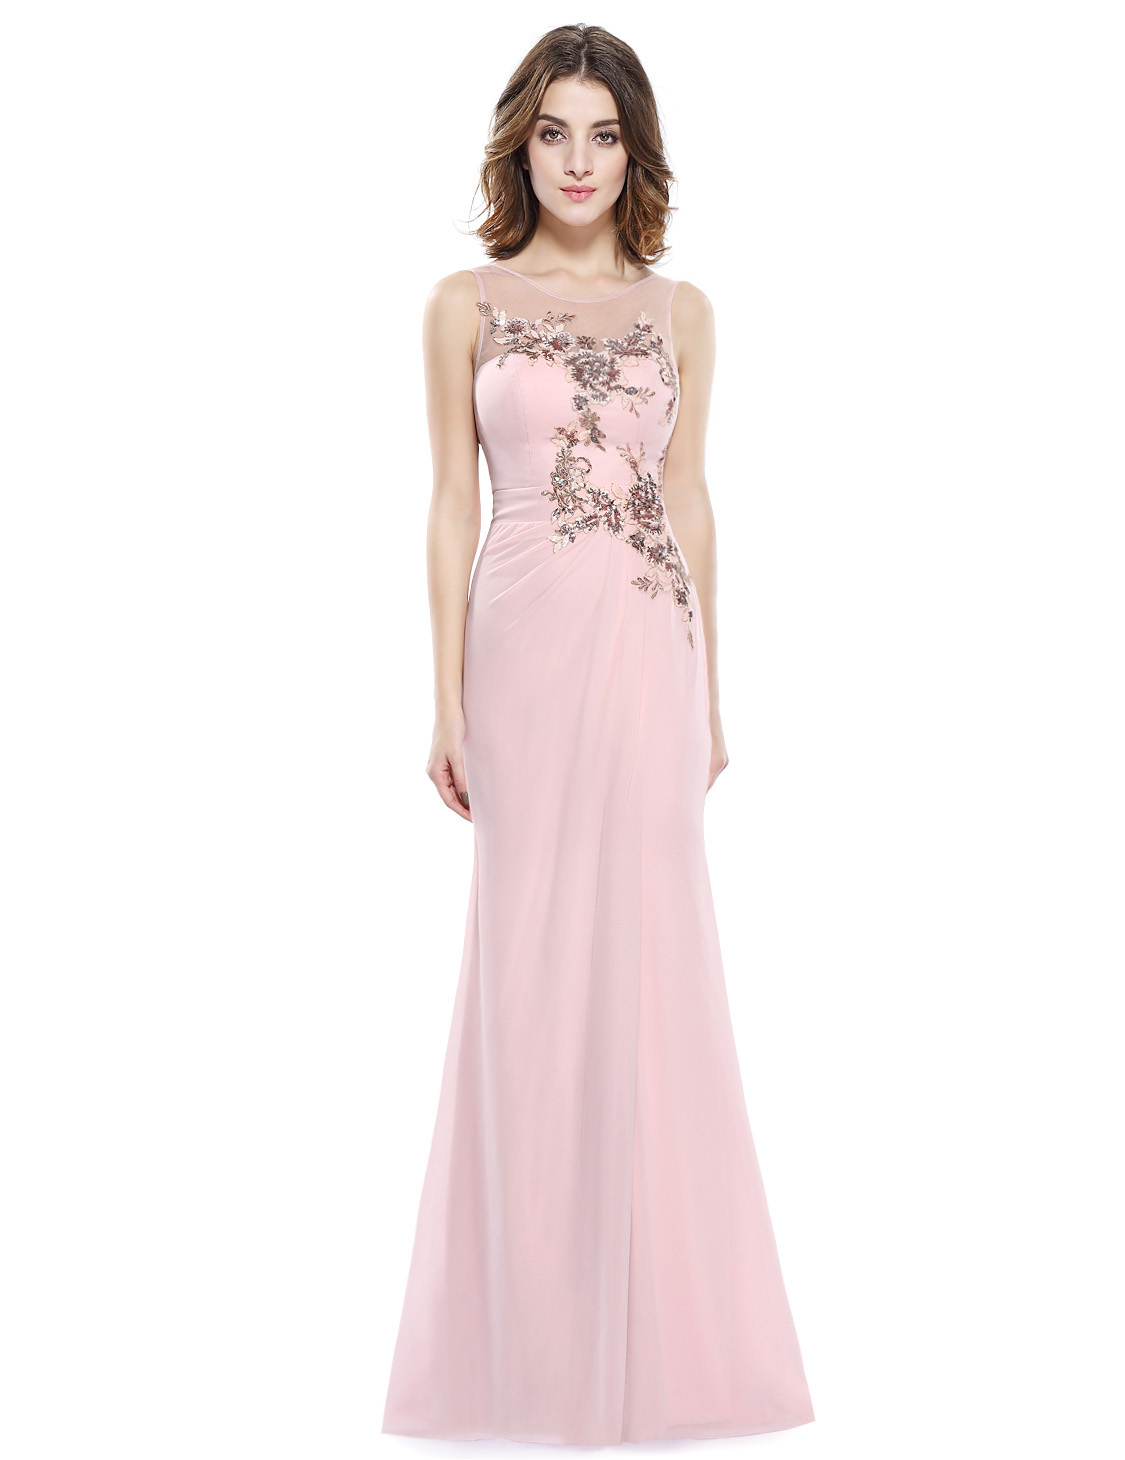 Luxusní růžové šaty 44 XXL na ples věneček svatbu  0c49b258f2